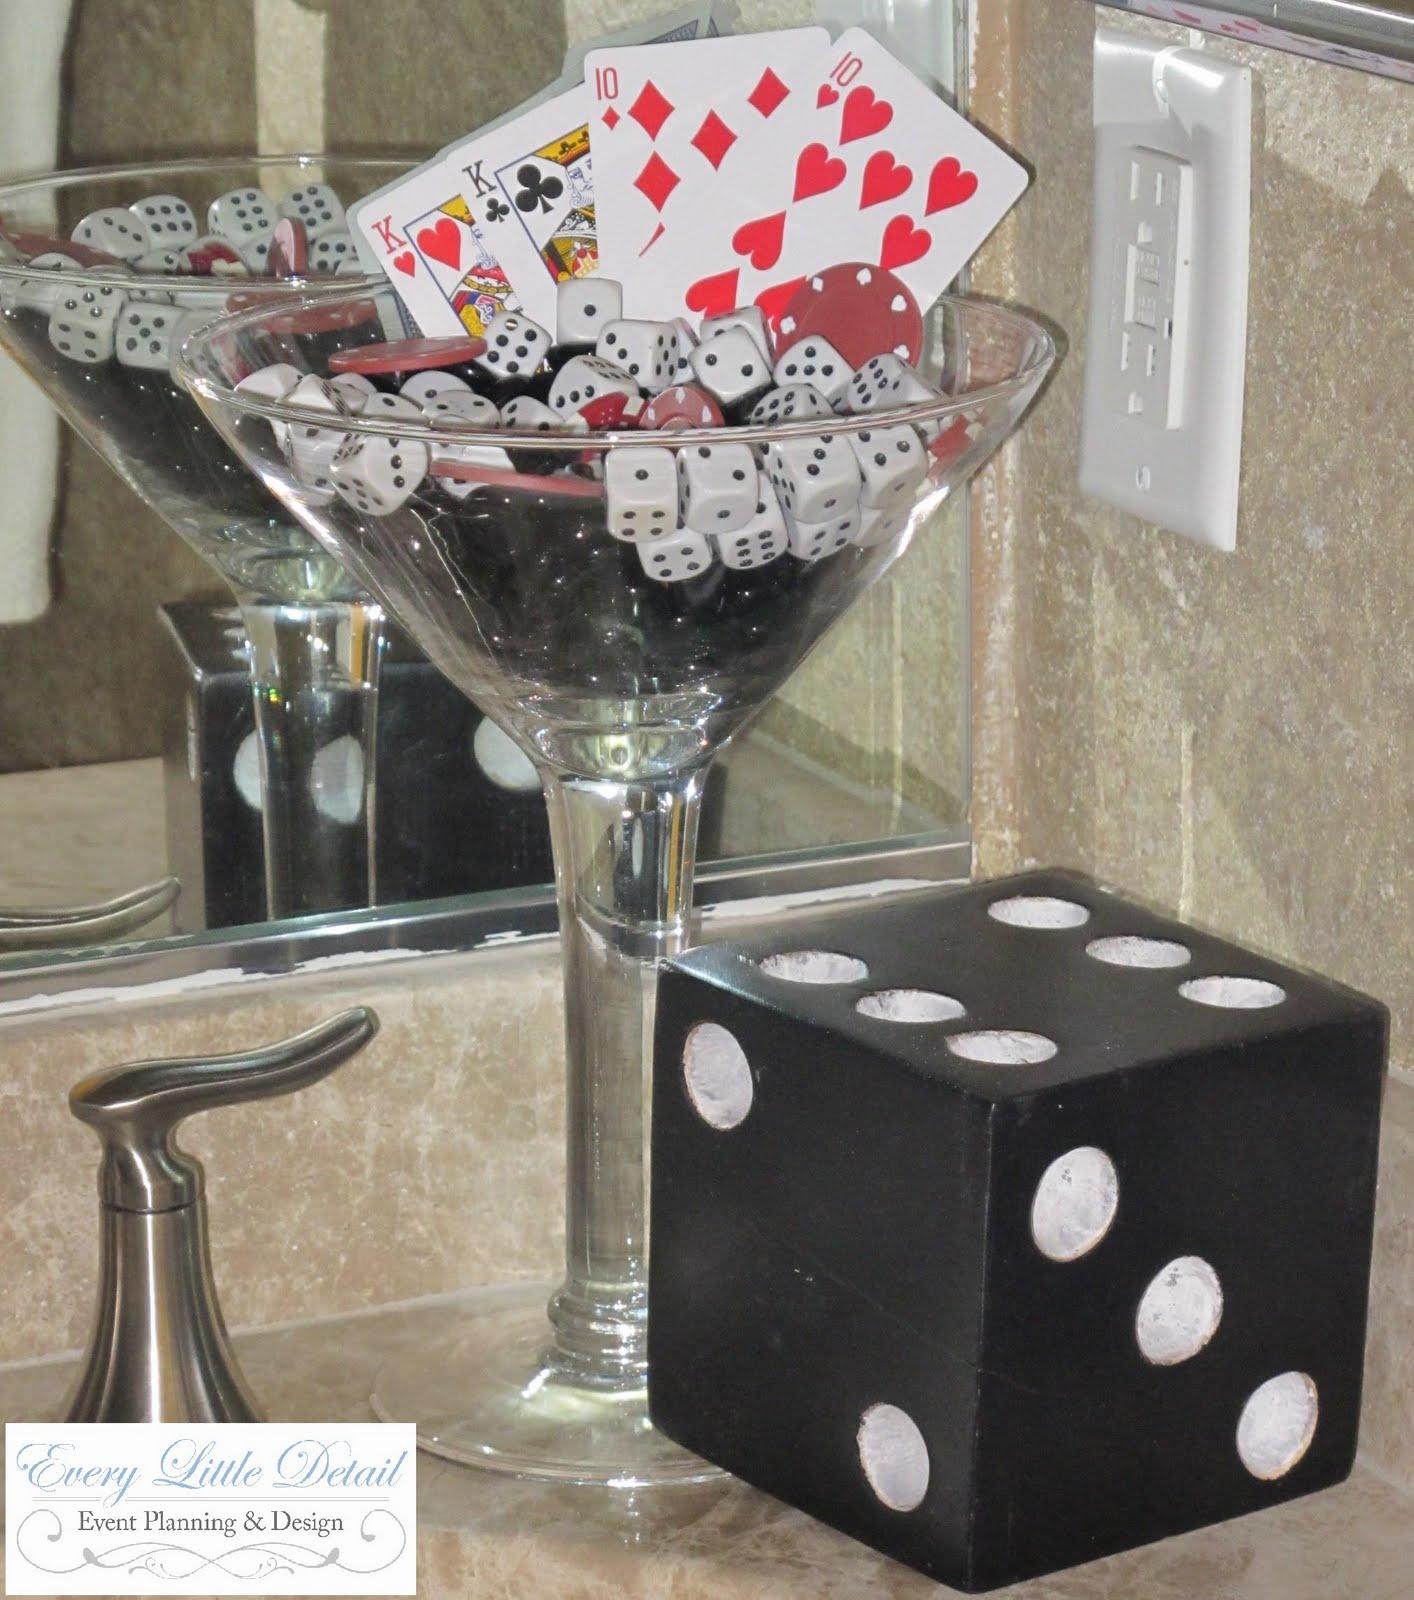 праздник в стиле казино